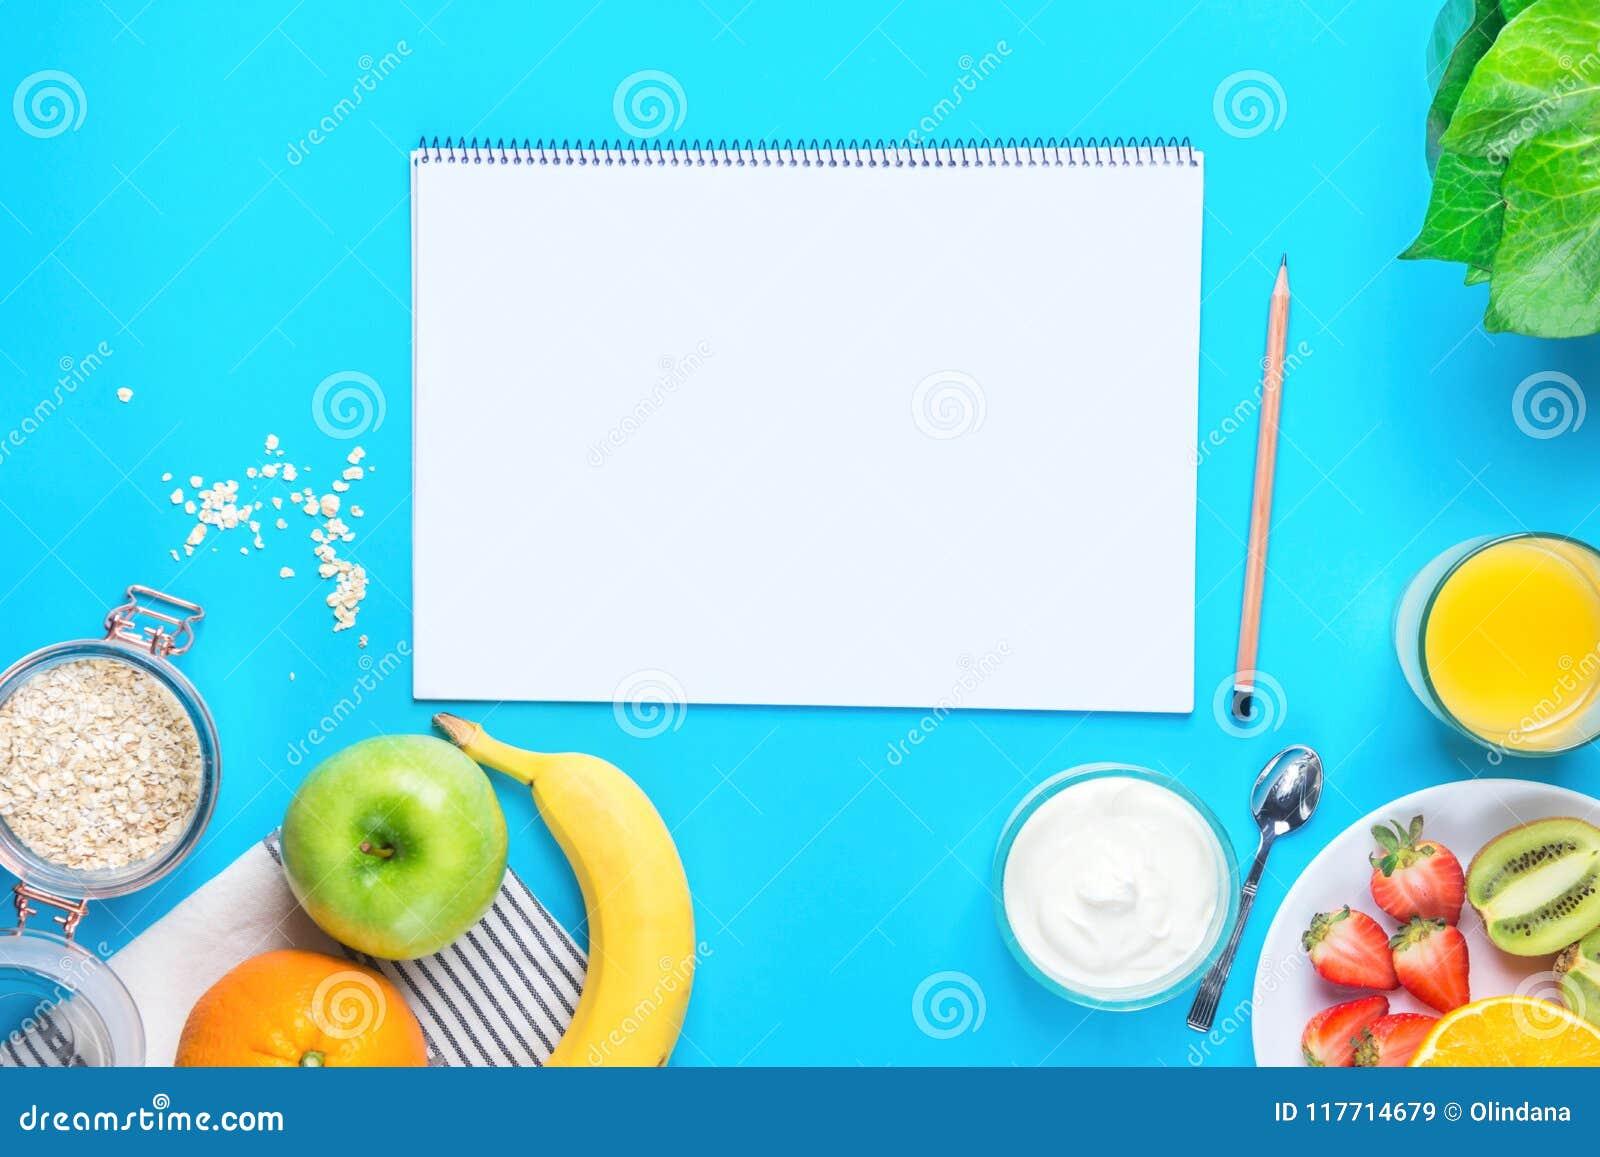 Aveia saudável Juice Green Apple Banana Strawberries alaranjado Kiwi Yogurt do alimento de café da manhã no Tabletop azul Zombari